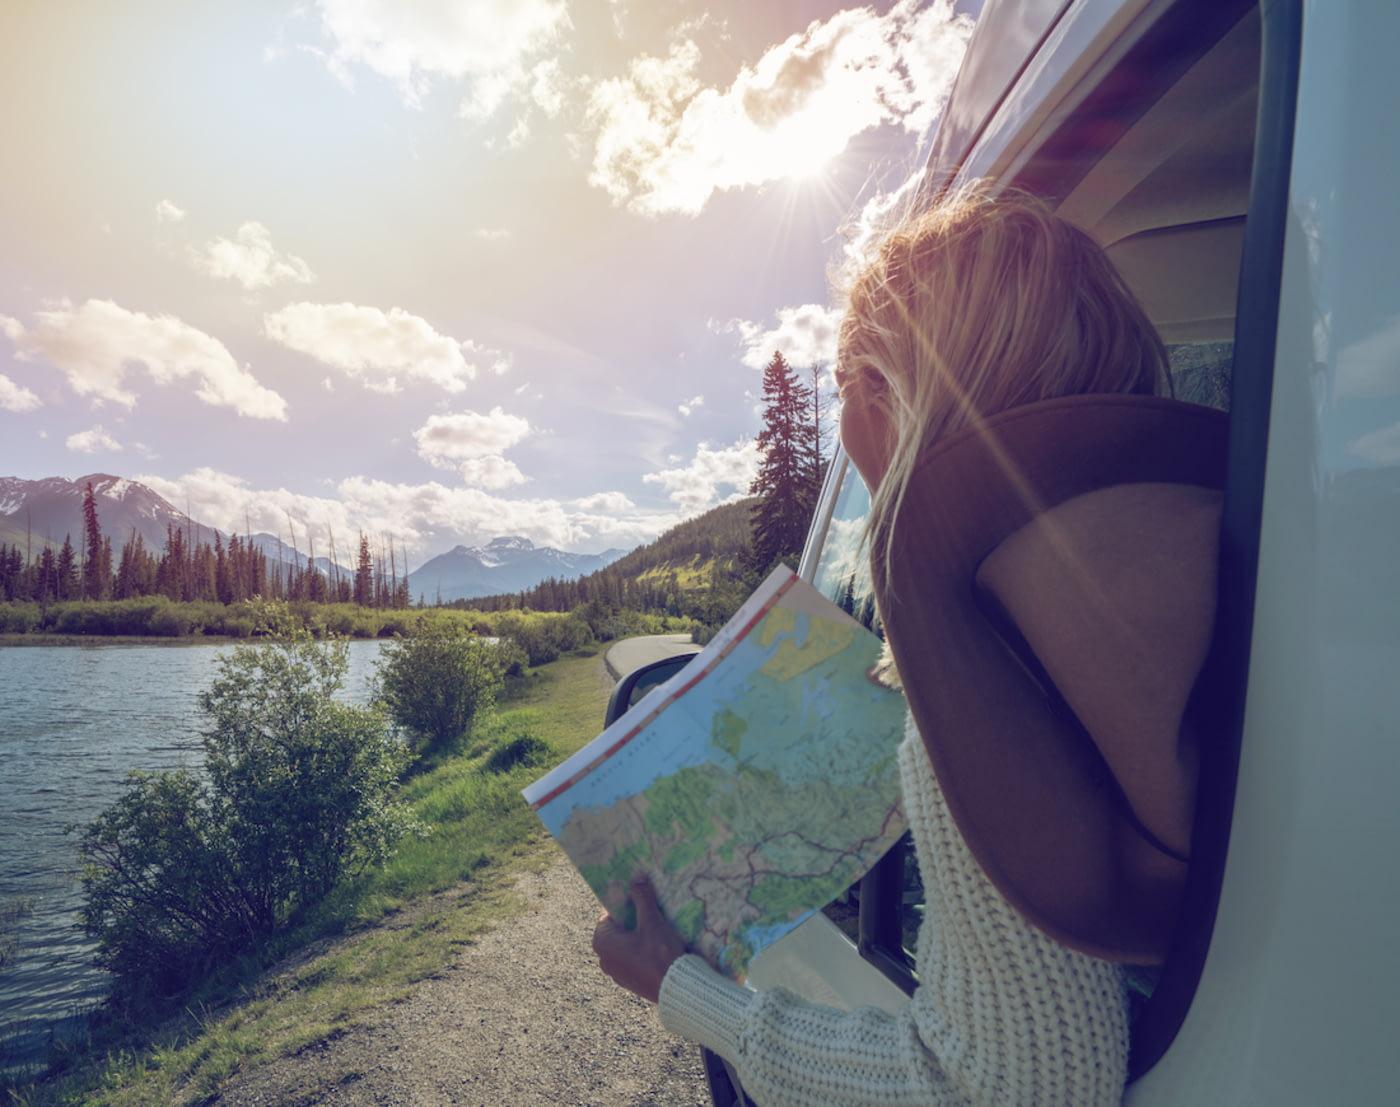 Frau schaut aus dem Seitenfenster eines an einem Fluss geparkten Wohnmobils, im Hintergrund eine Bergkulisse